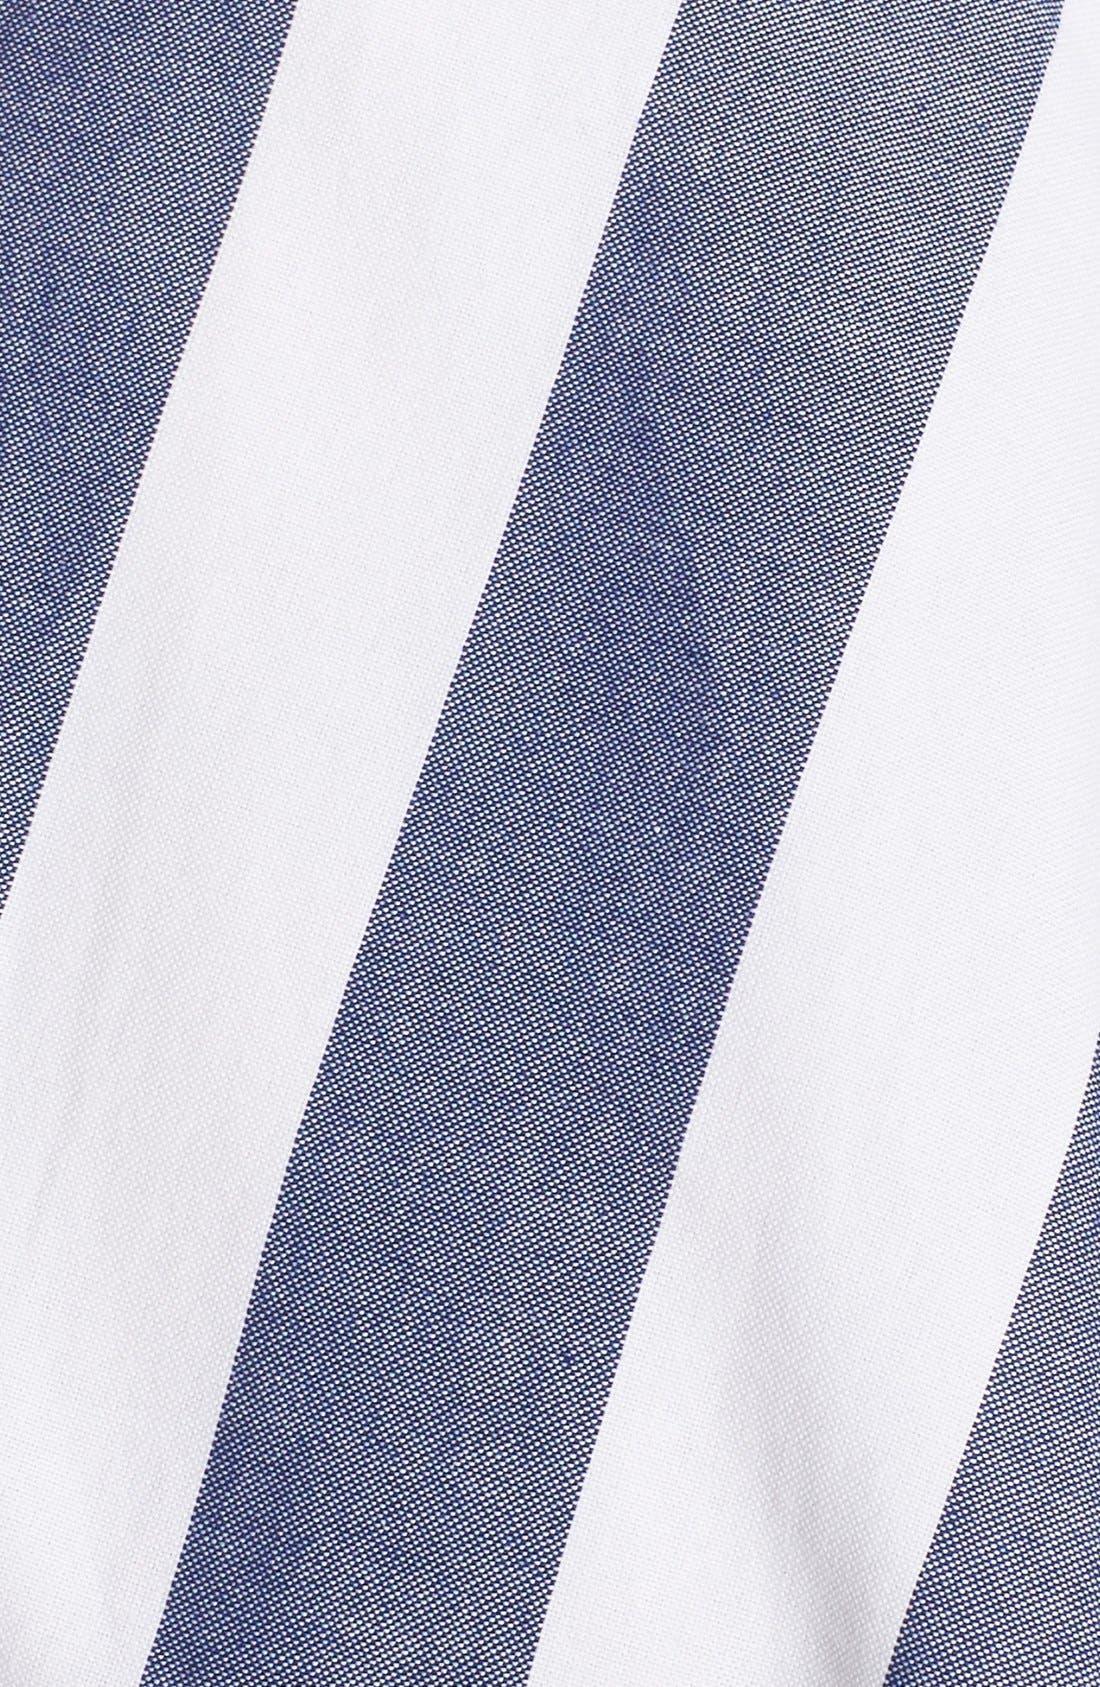 Cotton Fit & Flare Dress,                             Alternate thumbnail 2, color,                             421